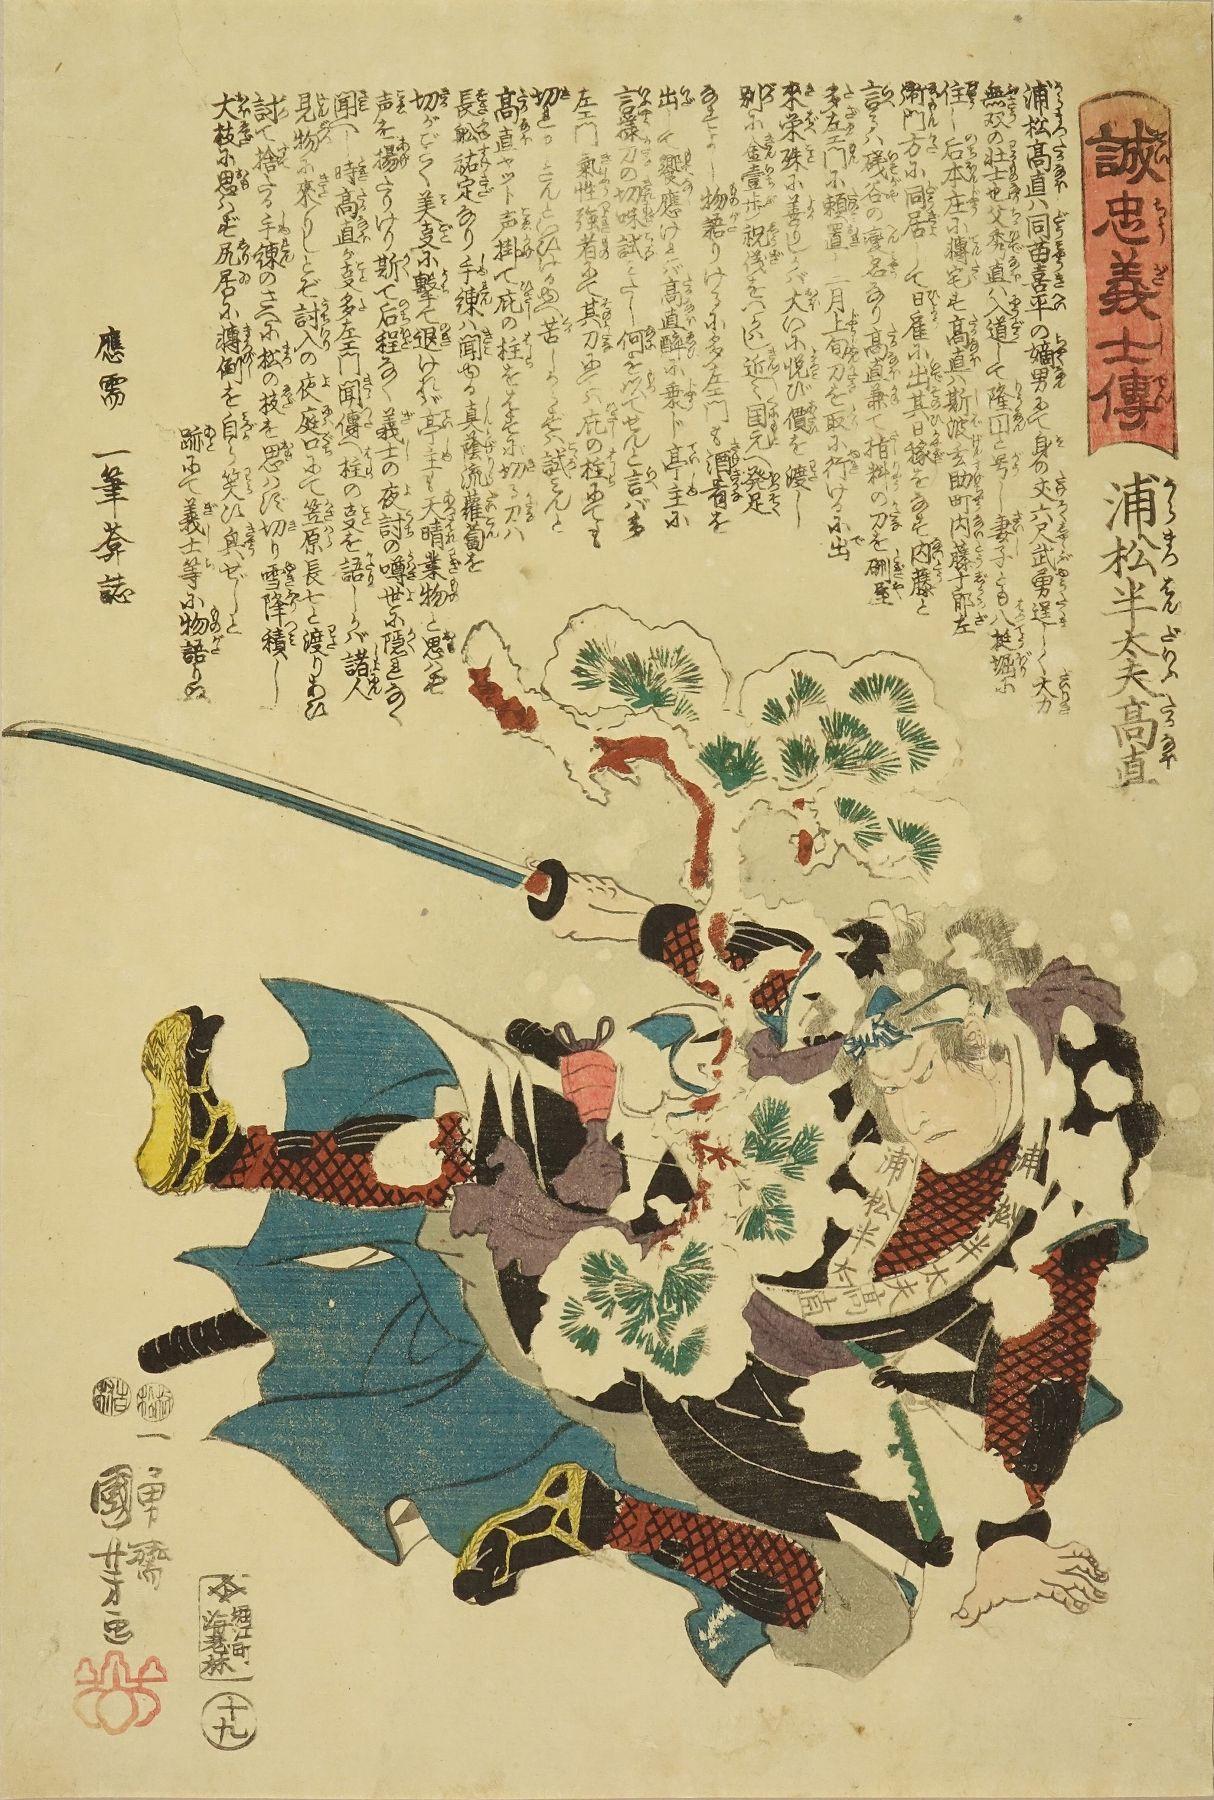 KUNIYOSHI Uramatsu Handayu Takanao (Muramatsu Sandayu Takanao), from <i>Seichu gishiden</i> (Stories of the true loyalty of the faithful samurai)